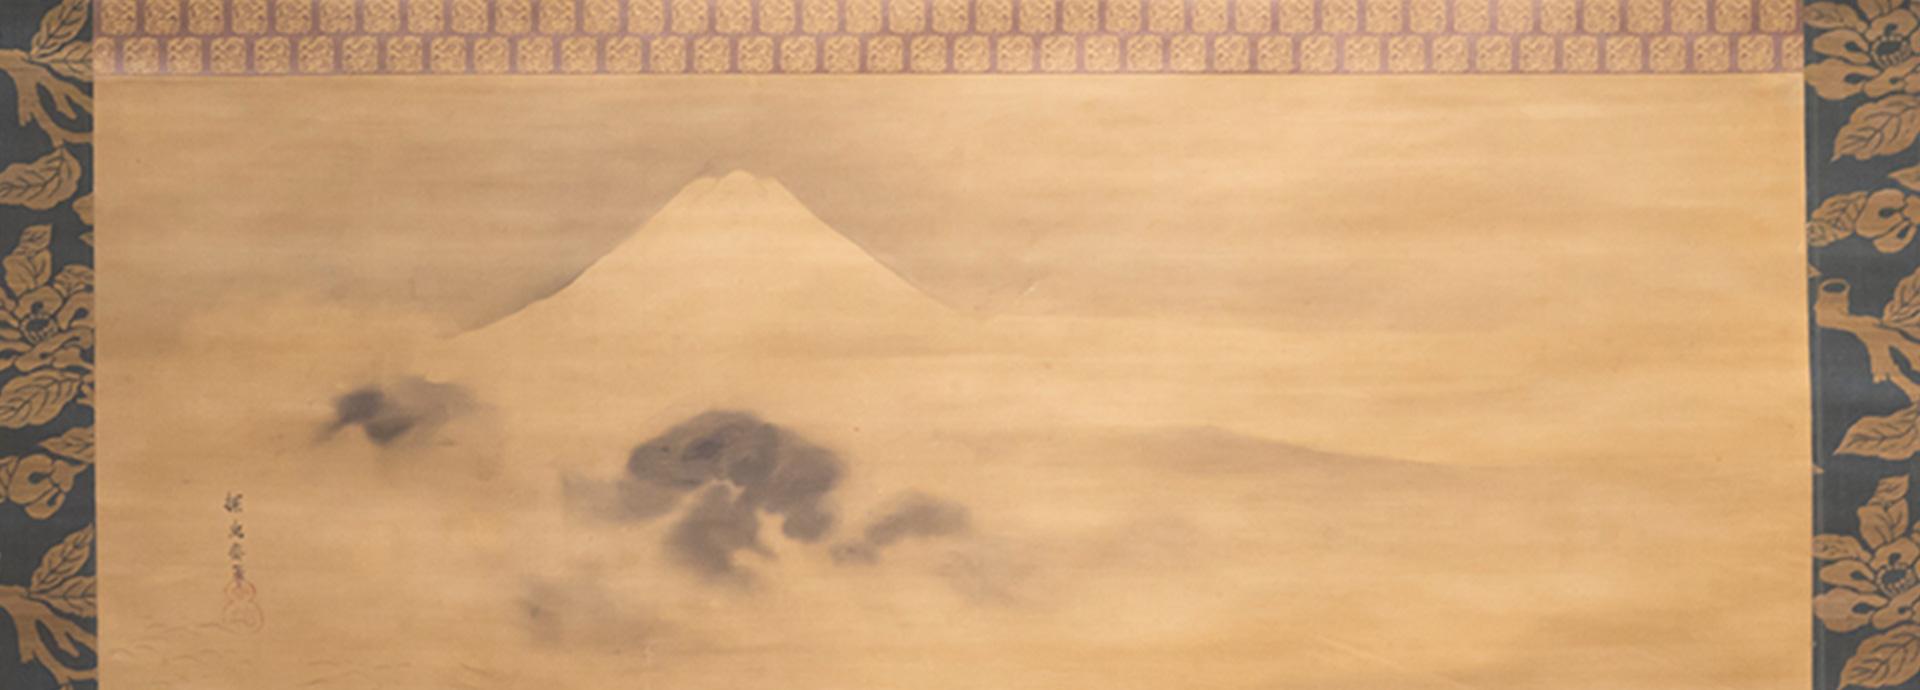 絵の技巧だけでなく 作品と文字史料で読み解く美術史